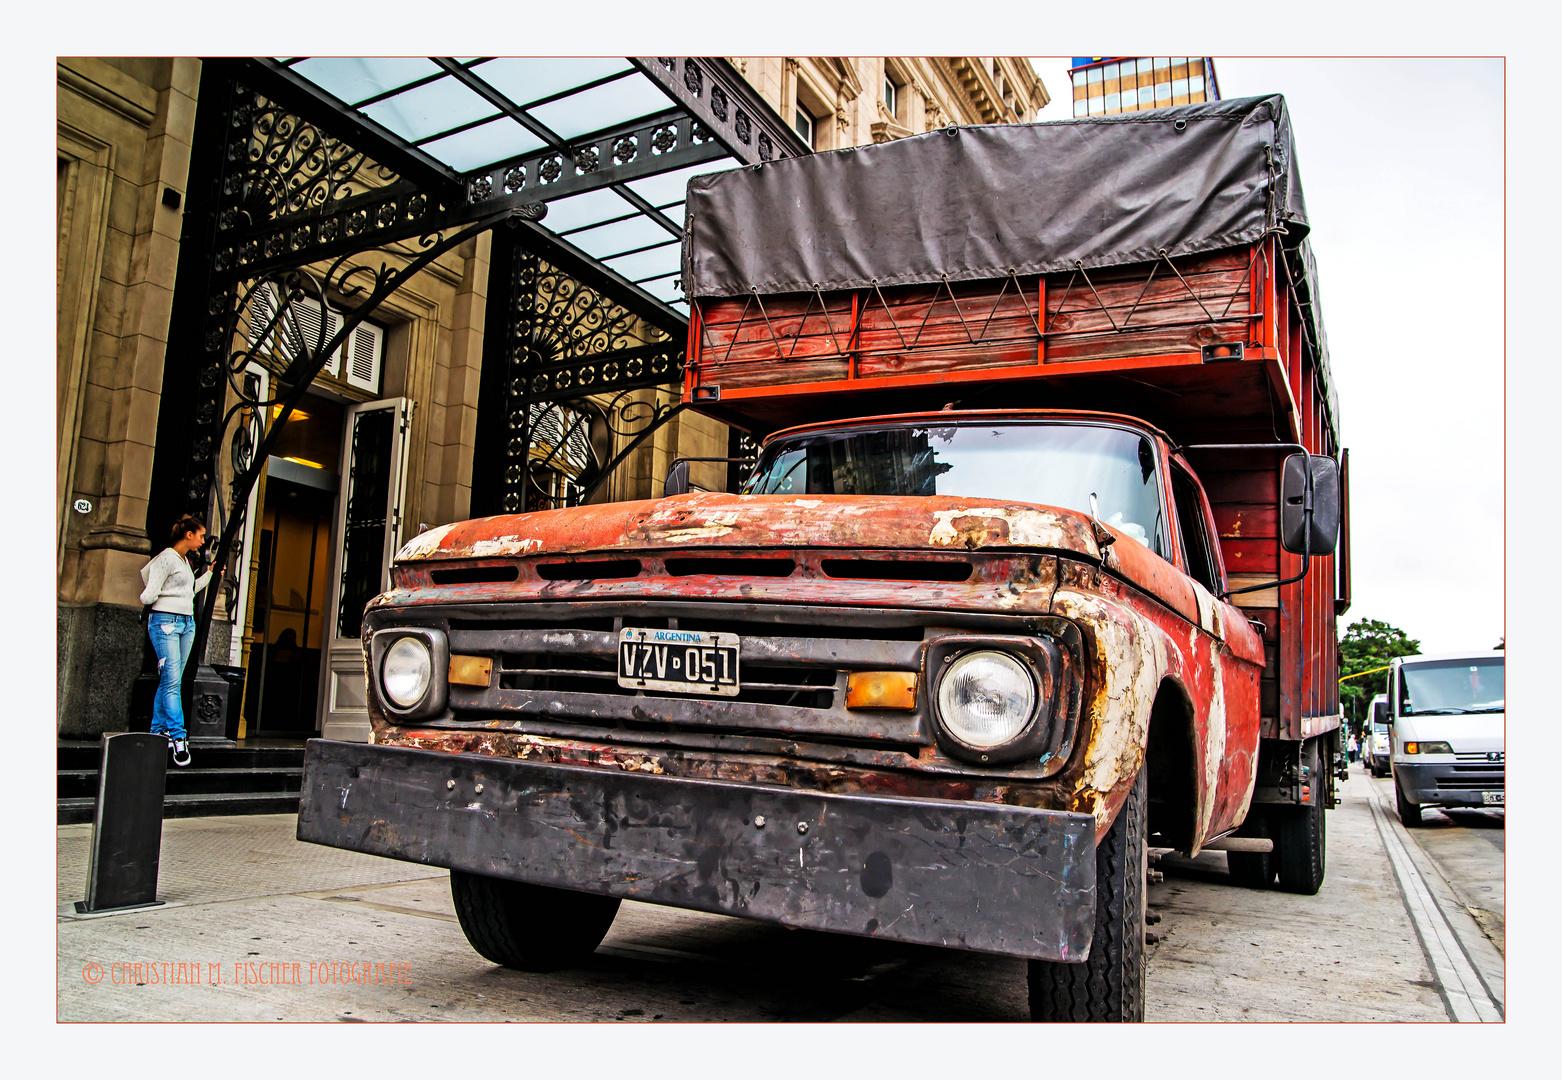 Lieferwagen vor dem Teatro Colón in Bs As